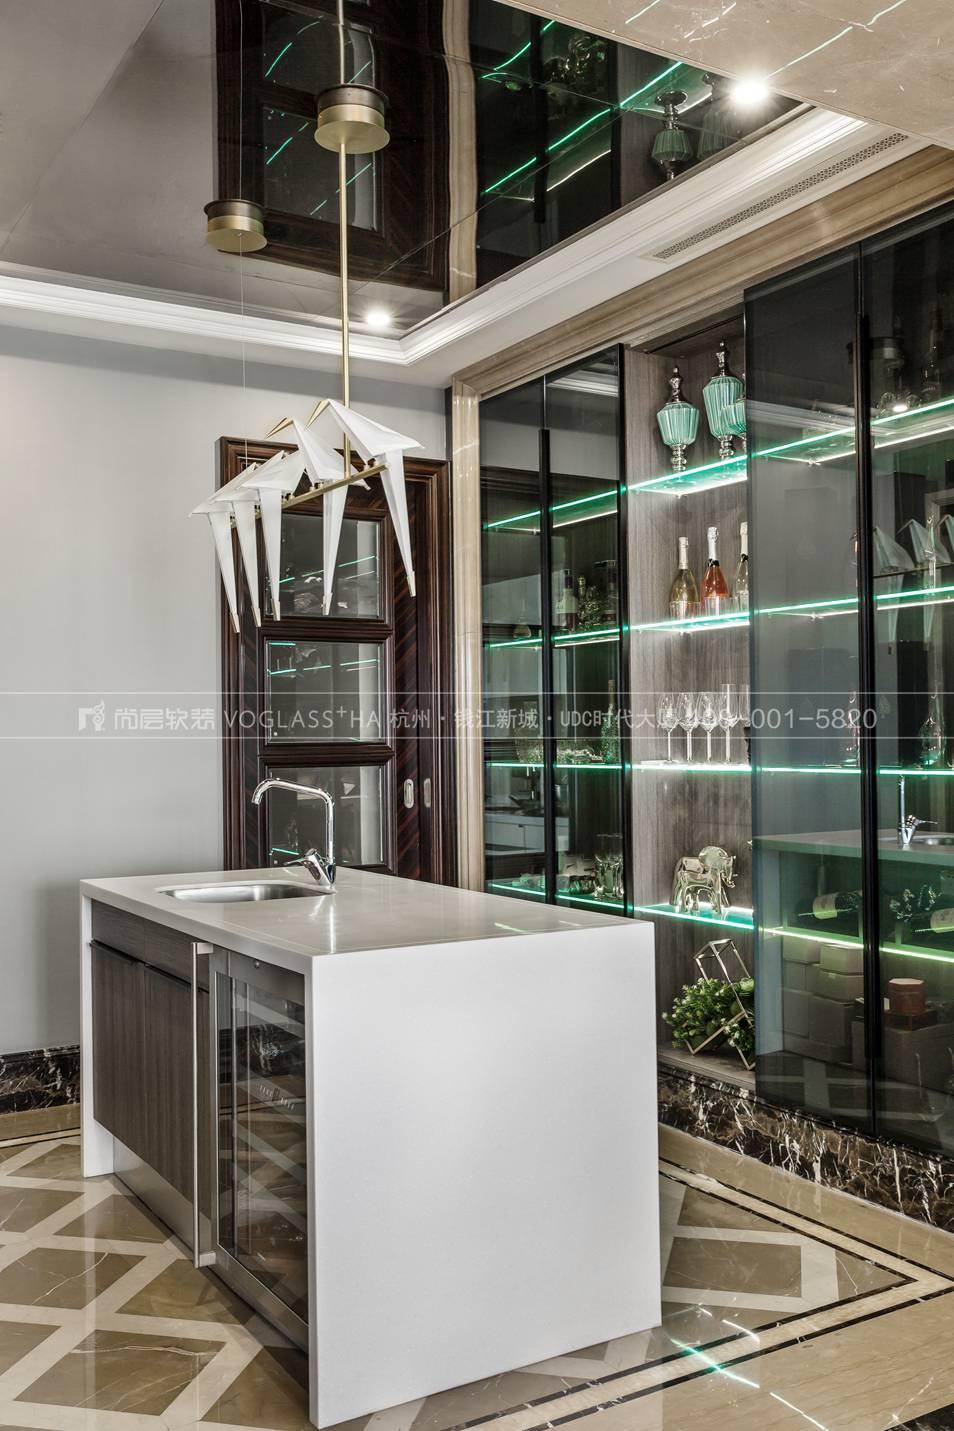 现代轻奢风格软装案例-厨房实景图-尚层软装